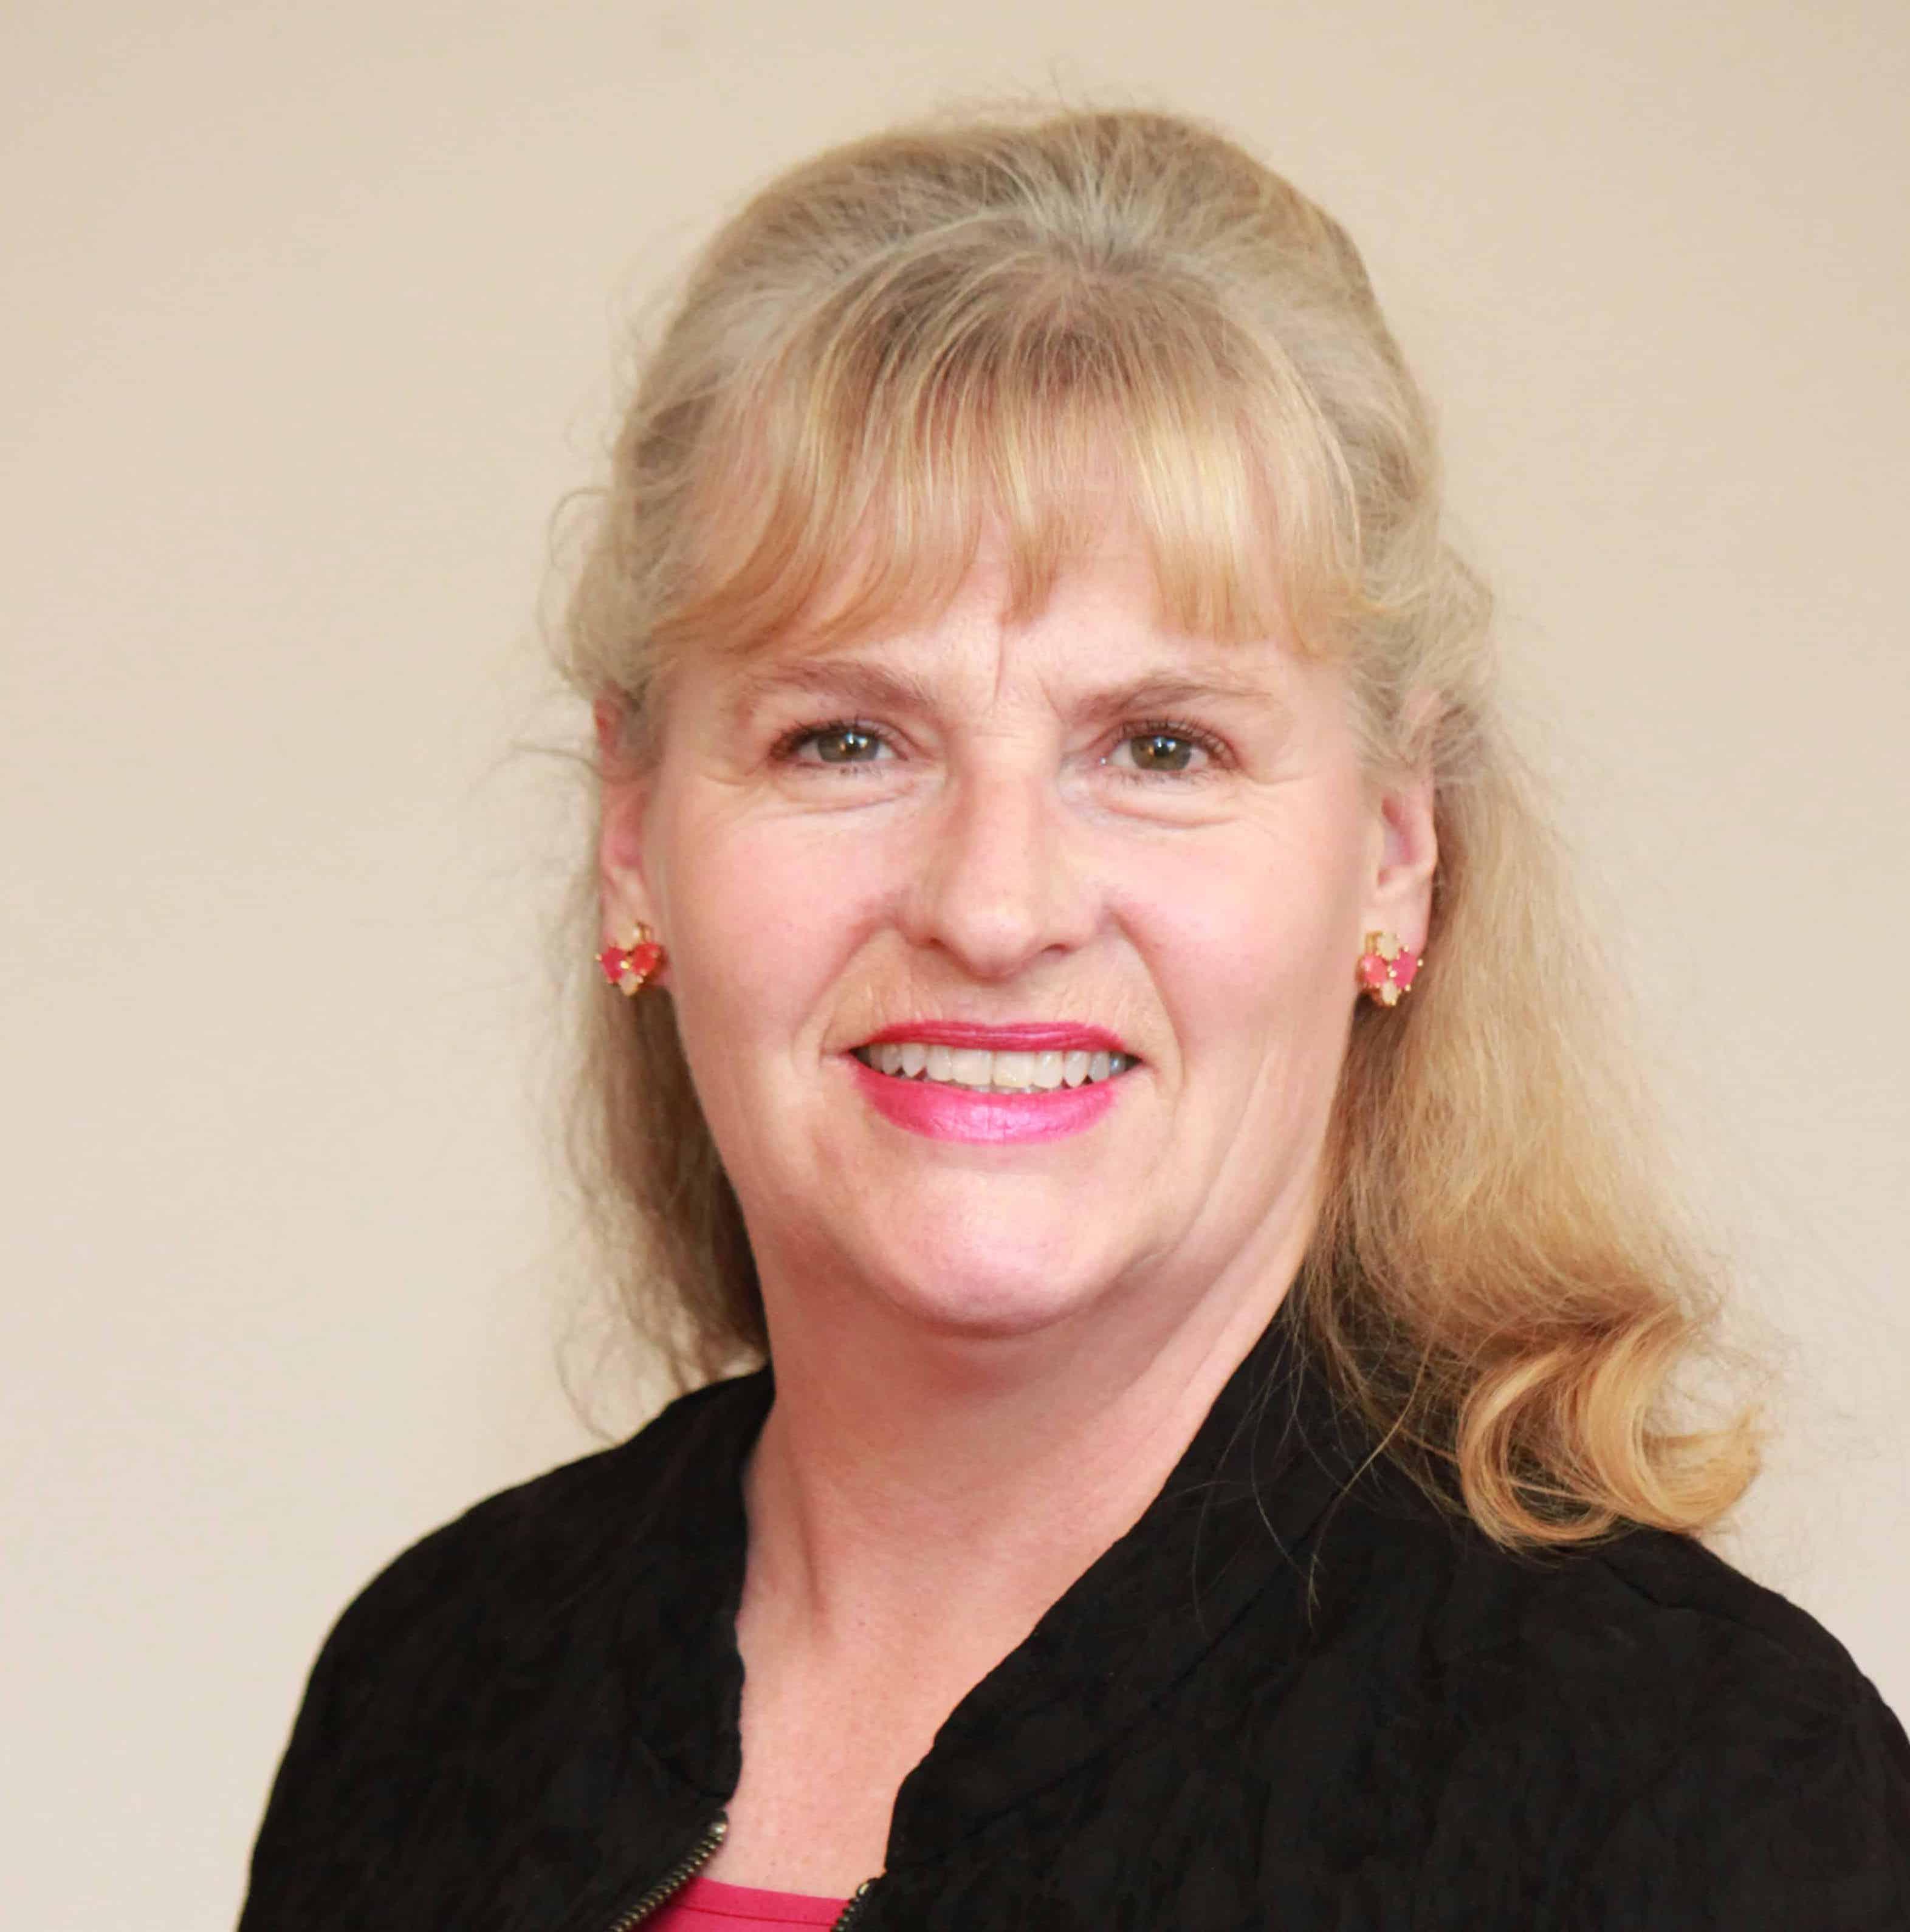 Denise Dame